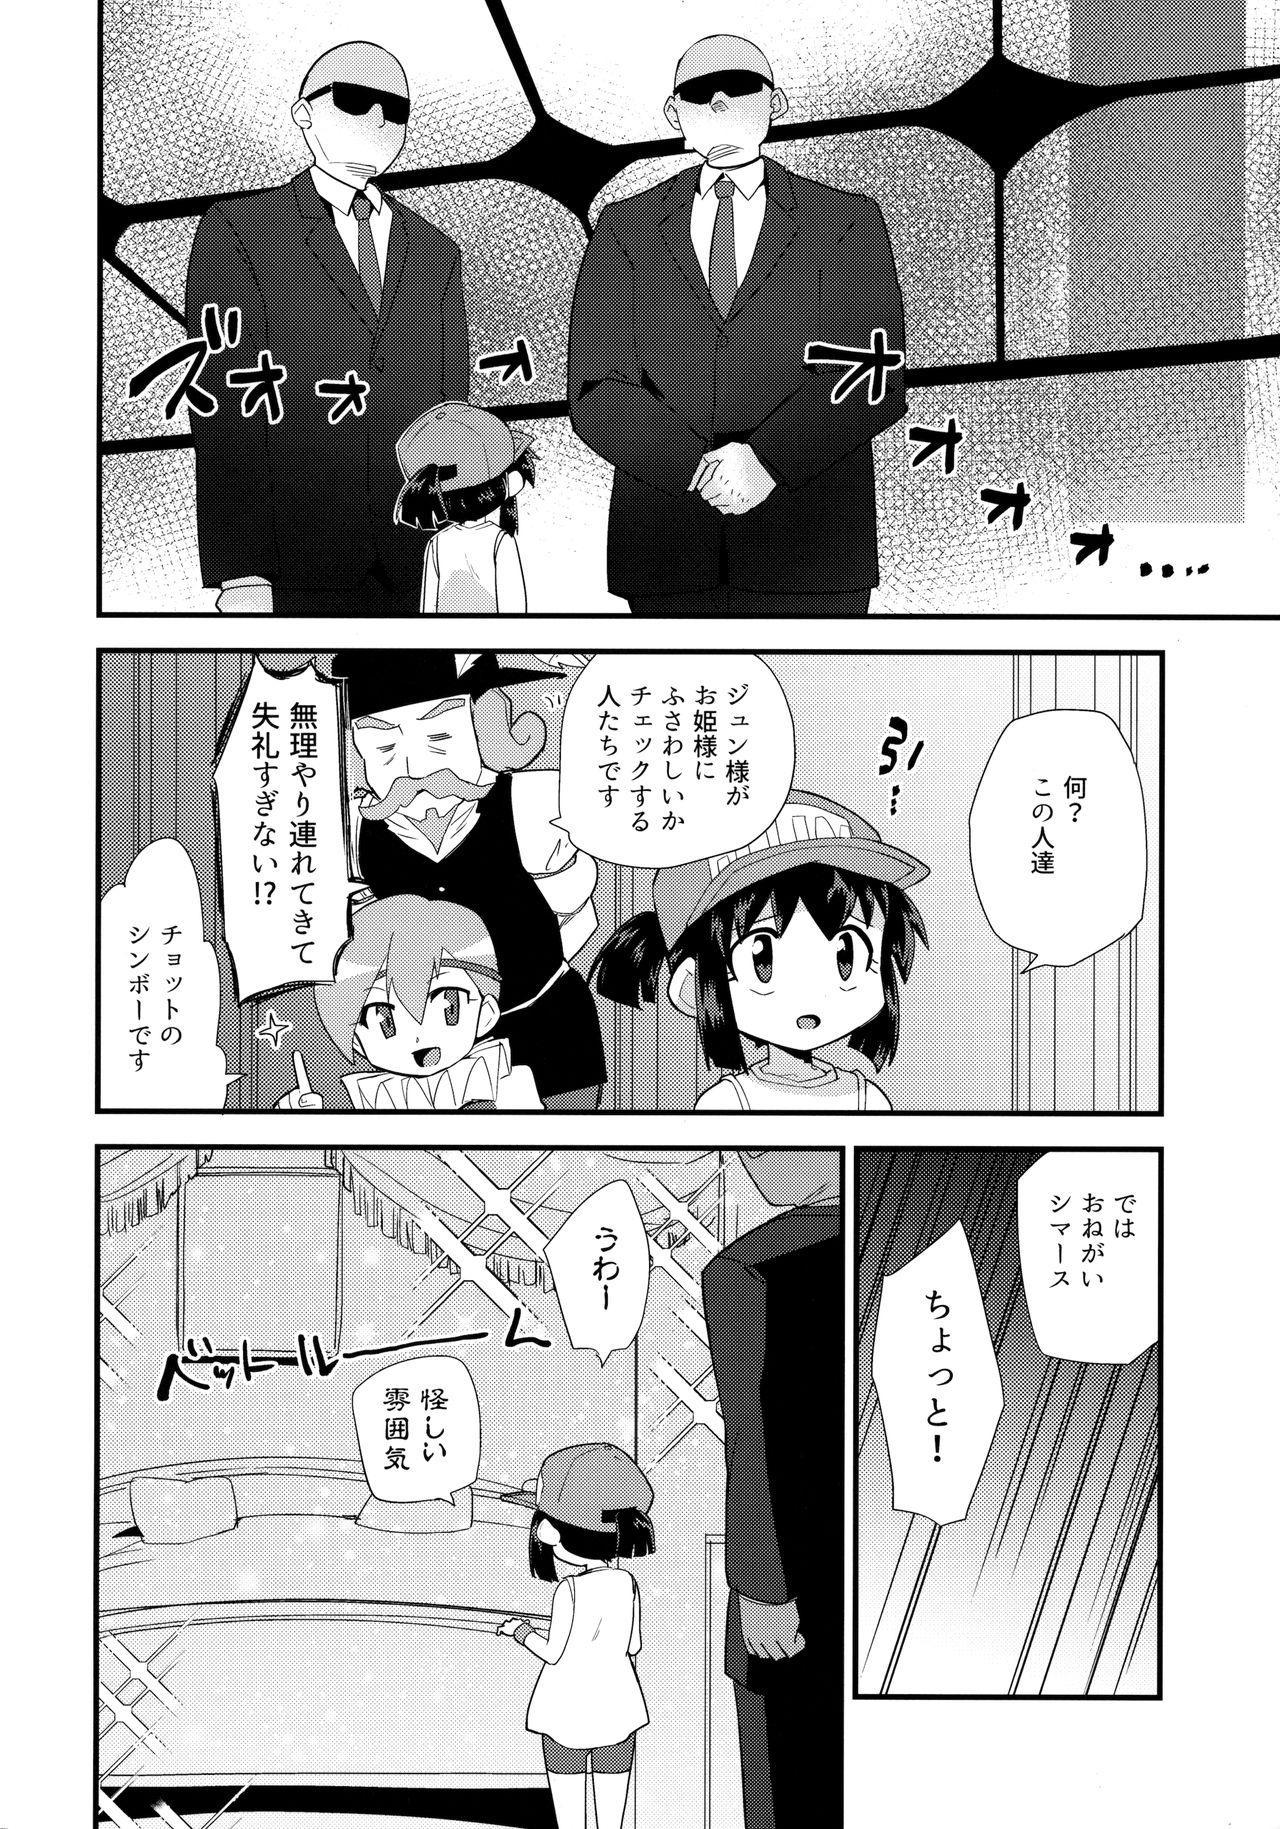 Ohime-sama no Jouken nante Kiitenai! 2